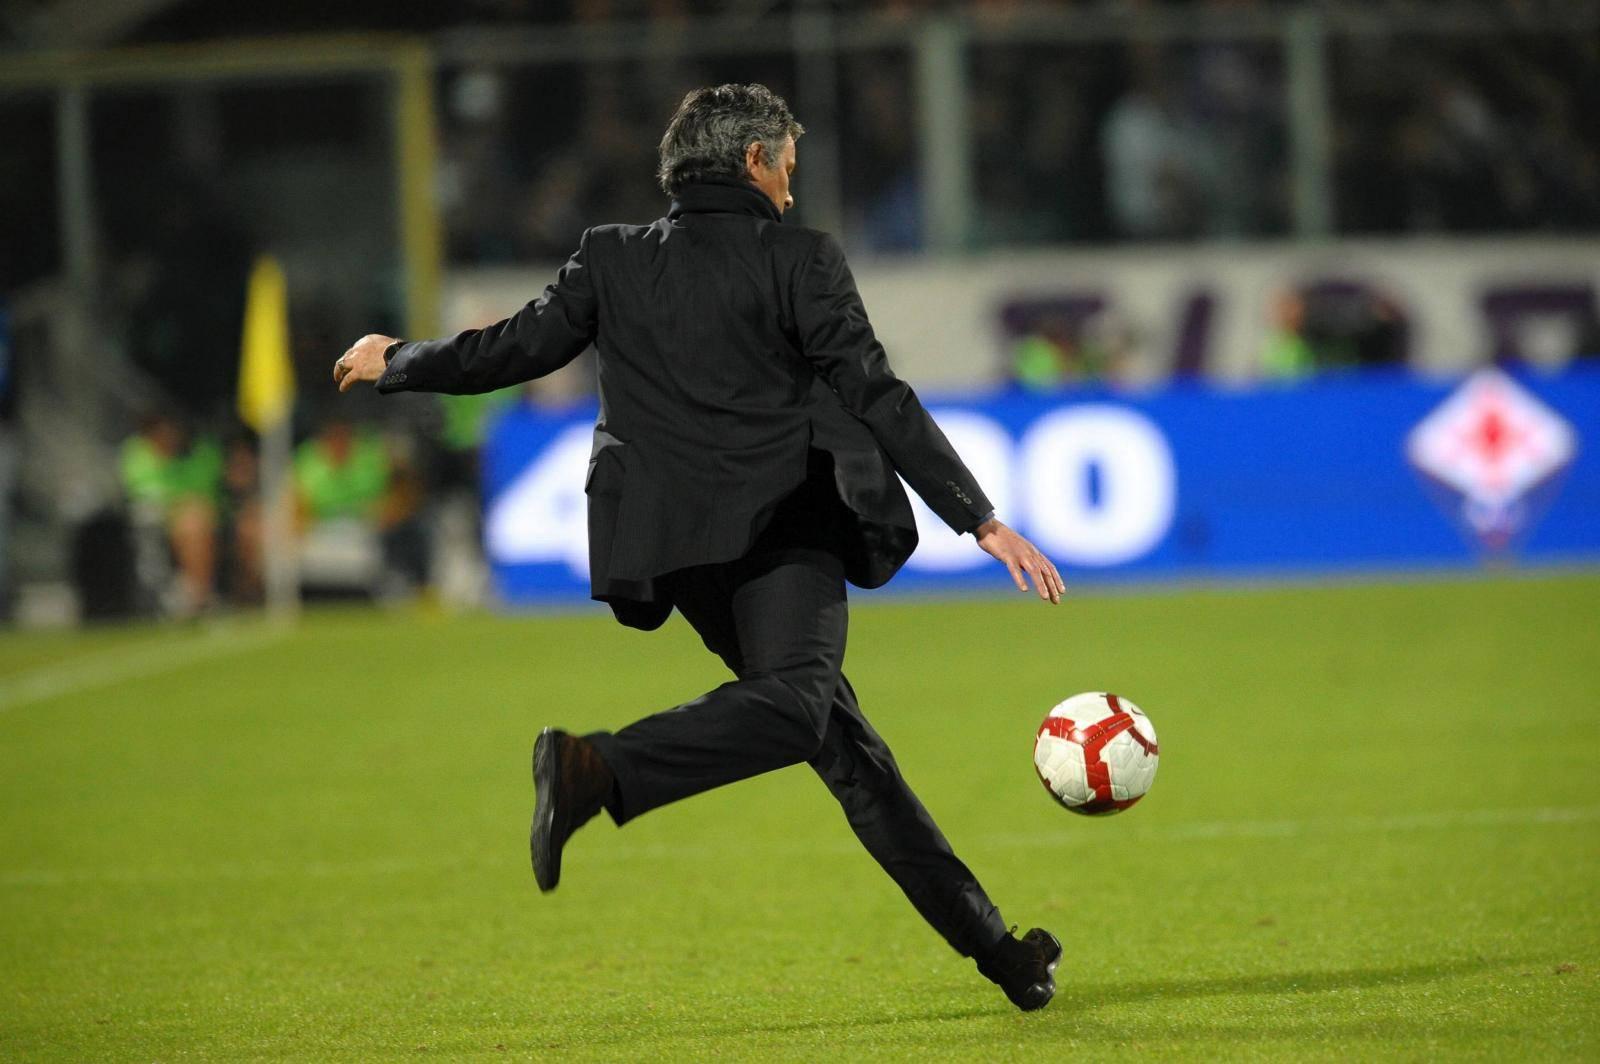 ITA, Serie A, AC Florenz vs Inter Mailand